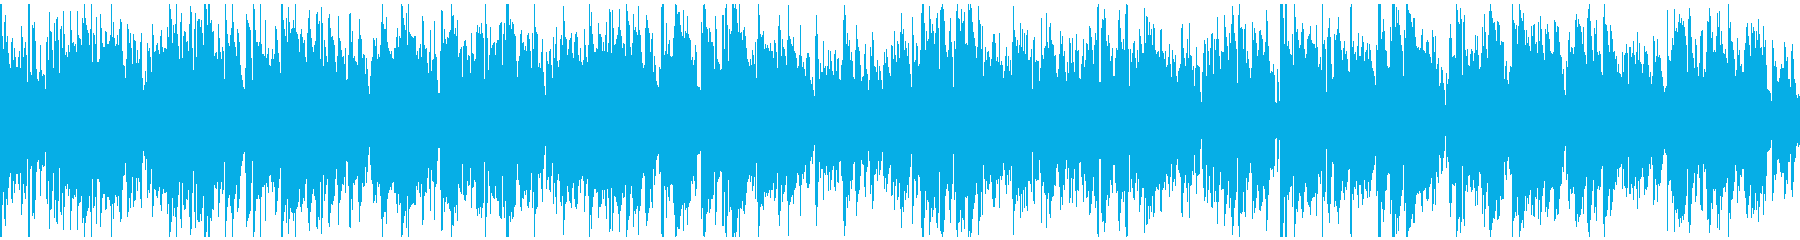 サックス生演奏のほんわかジャズ※ループ版の再生済みの波形